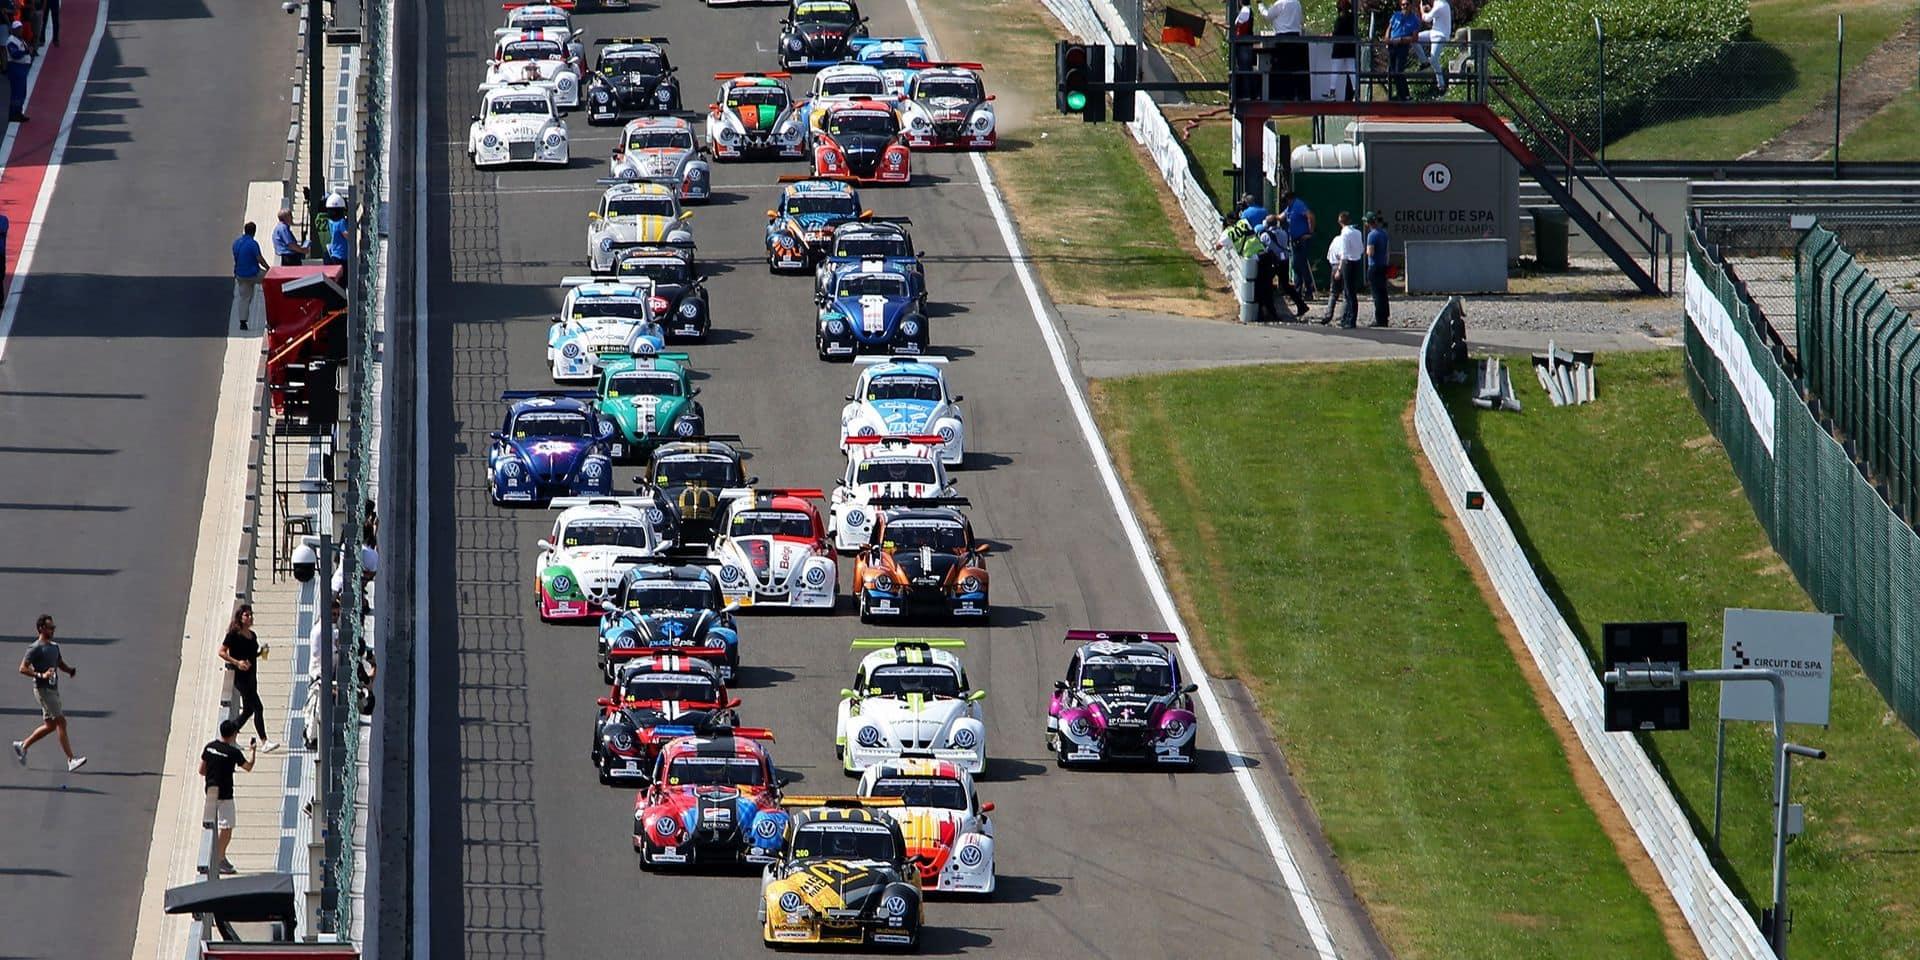 Les 25H Fun Cup: 610 pilotes et 129 voitures disputeront la course la plus longue du monde